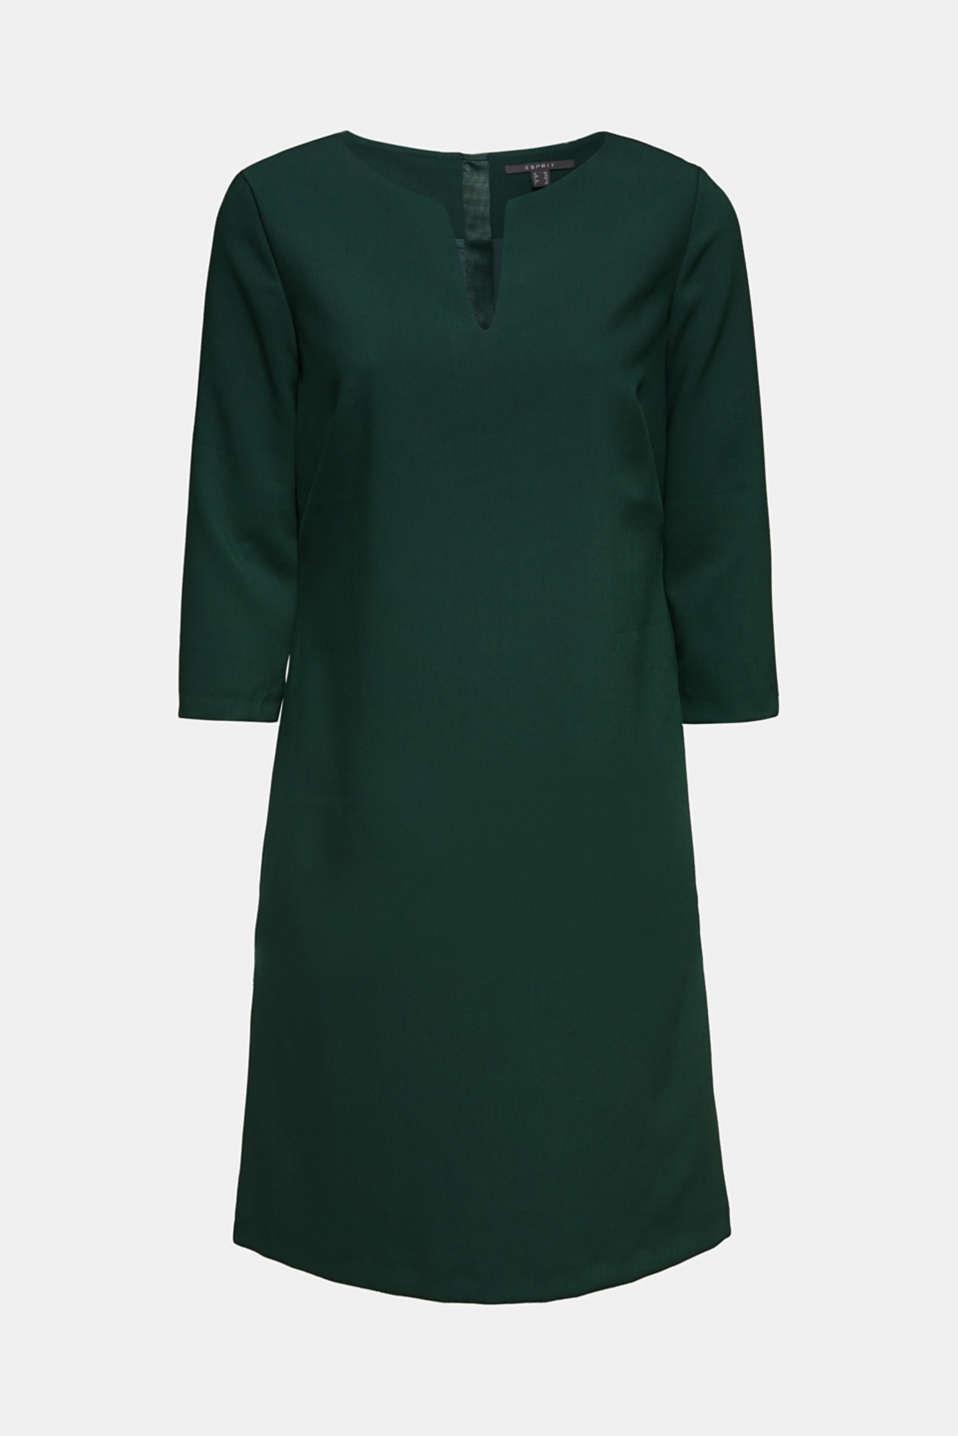 V-neck shift dress, DARK TEAL GREEN, detail image number 5